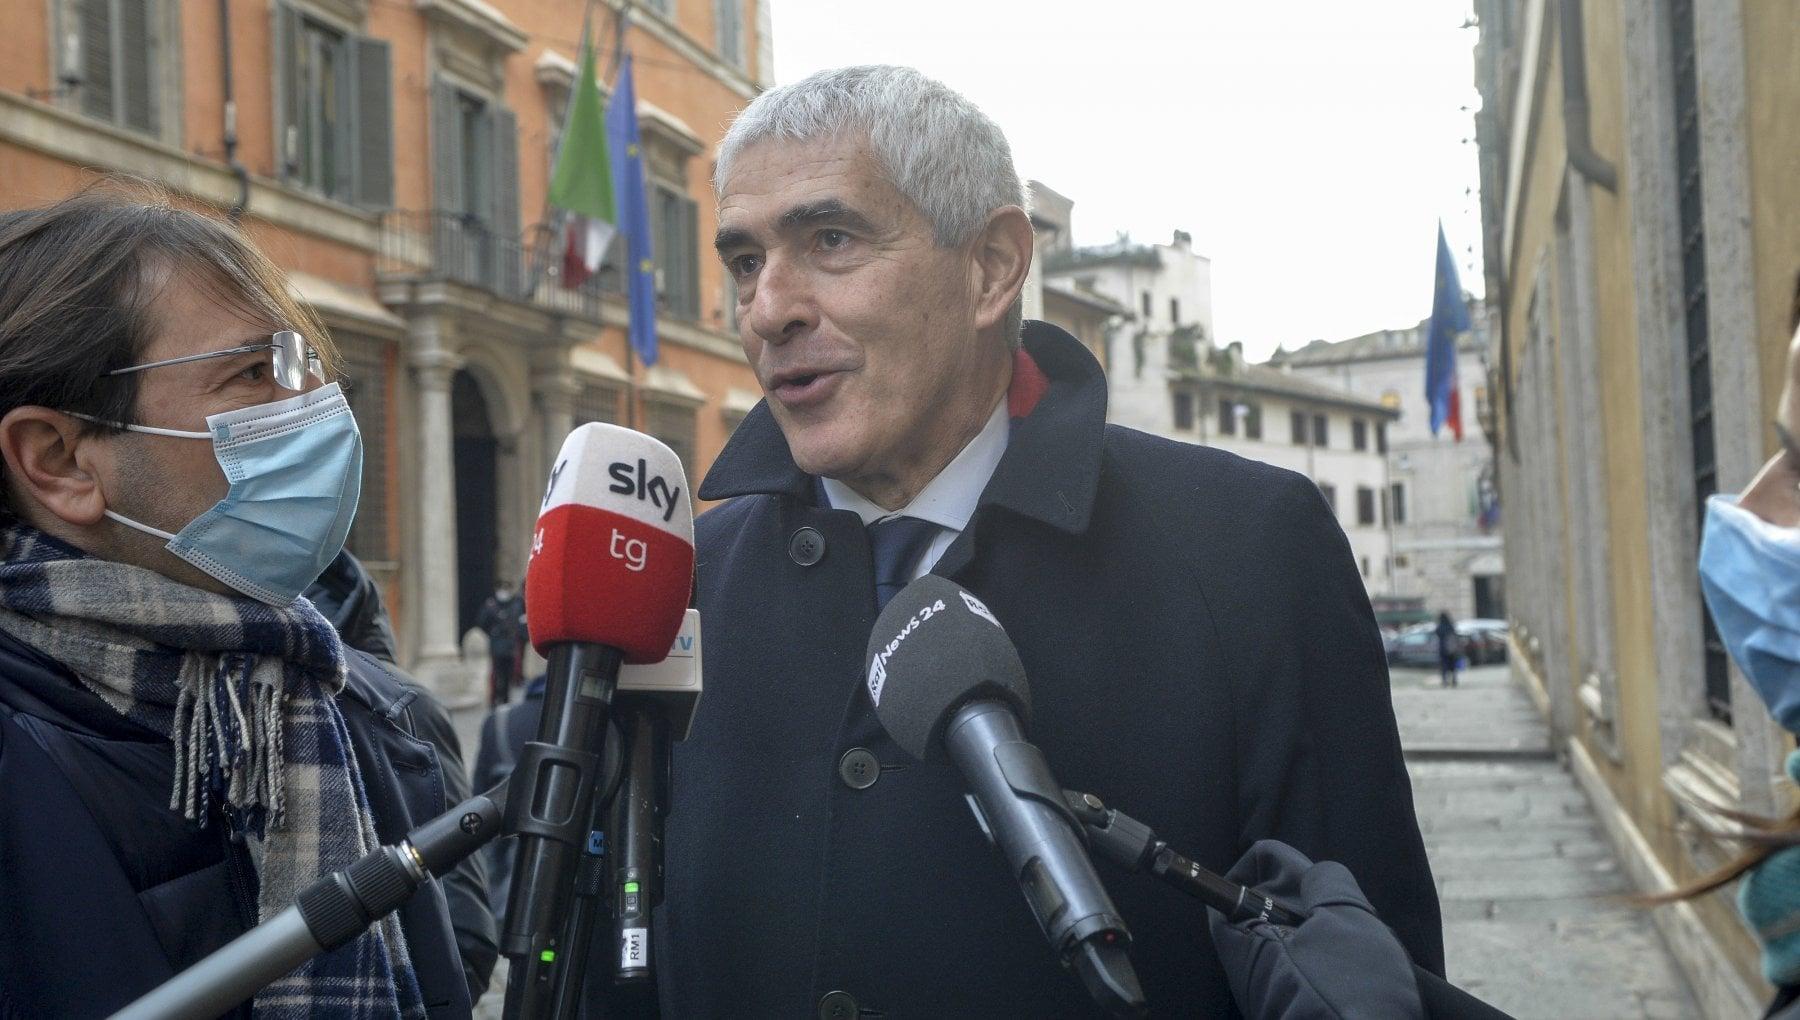 Crisi di governo da Monti a Casini ecco i volenterosi dellultima ora al Senato. Aiuti in arrivo anche da tre senatori di Forza Italia